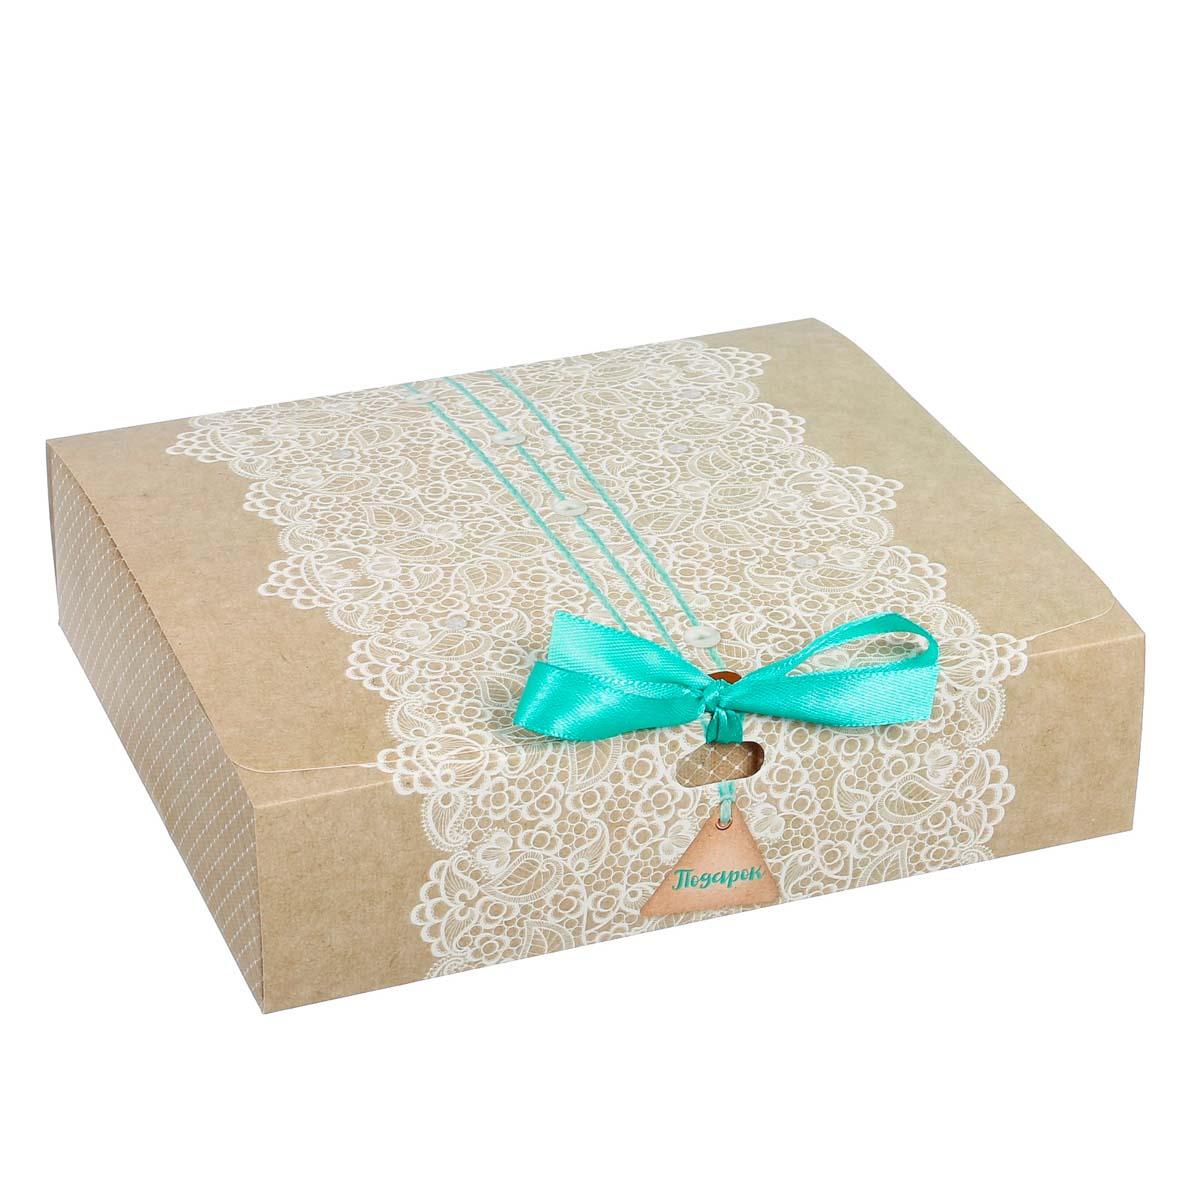 3222439 Коробка подарочная «Подарок», 20*18*5 см